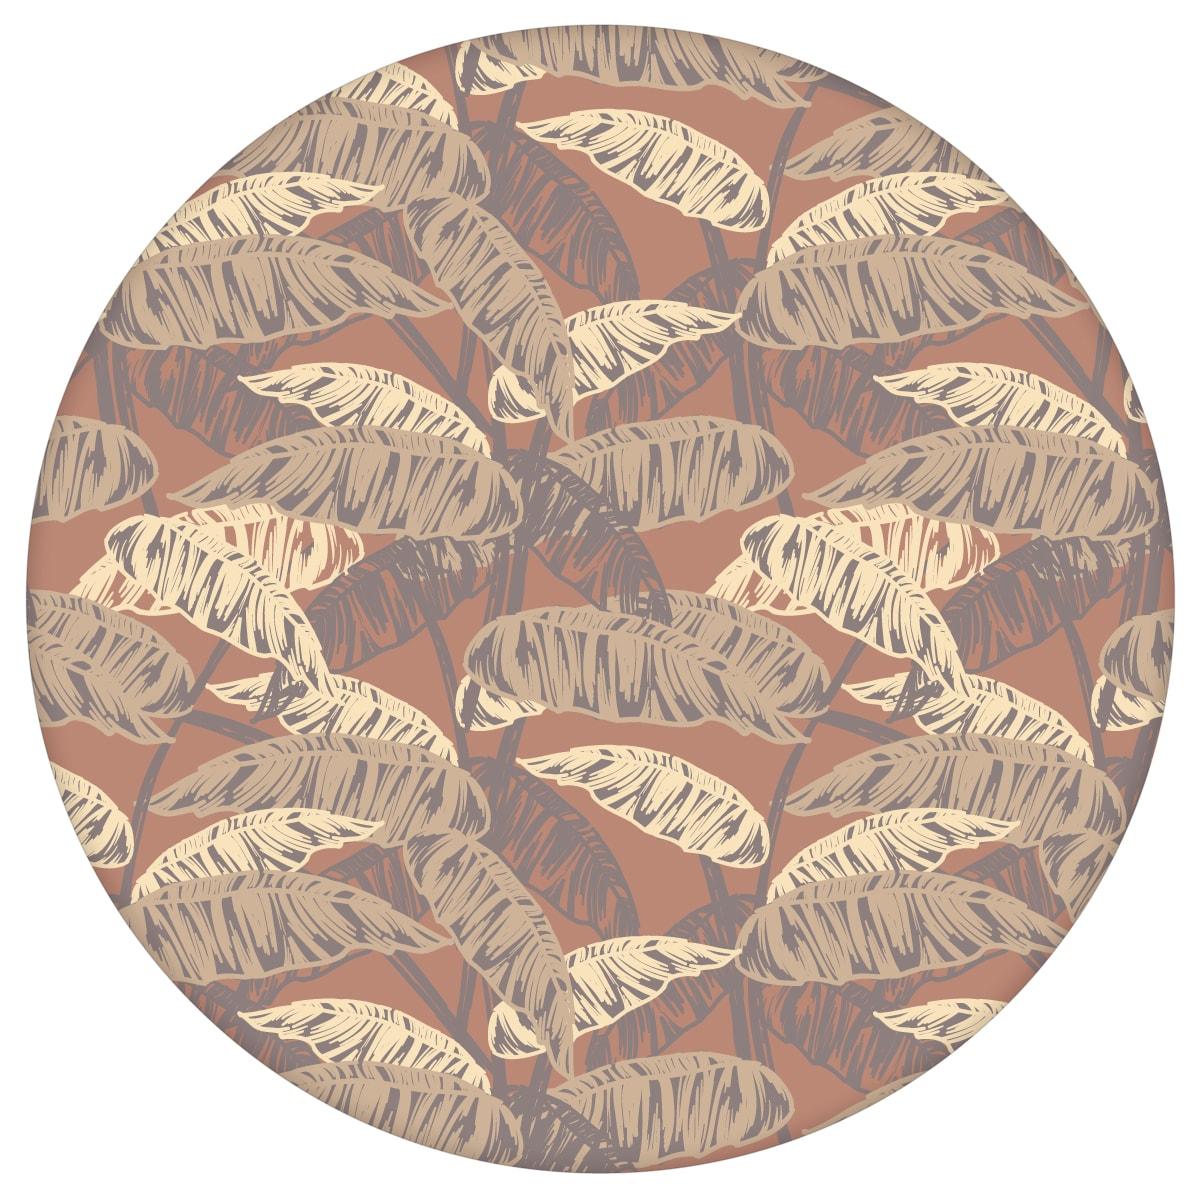 """Üppige Tapete """"Wild Bananas"""" mit Blättern, braune Vlies Tapete moderne Wanddeko für Wohnzimmer aus den Tapeten Neuheiten Blumentapeten und Borten als Naturaltouch Luxus Vliestapete oder Basic Vliestapete"""